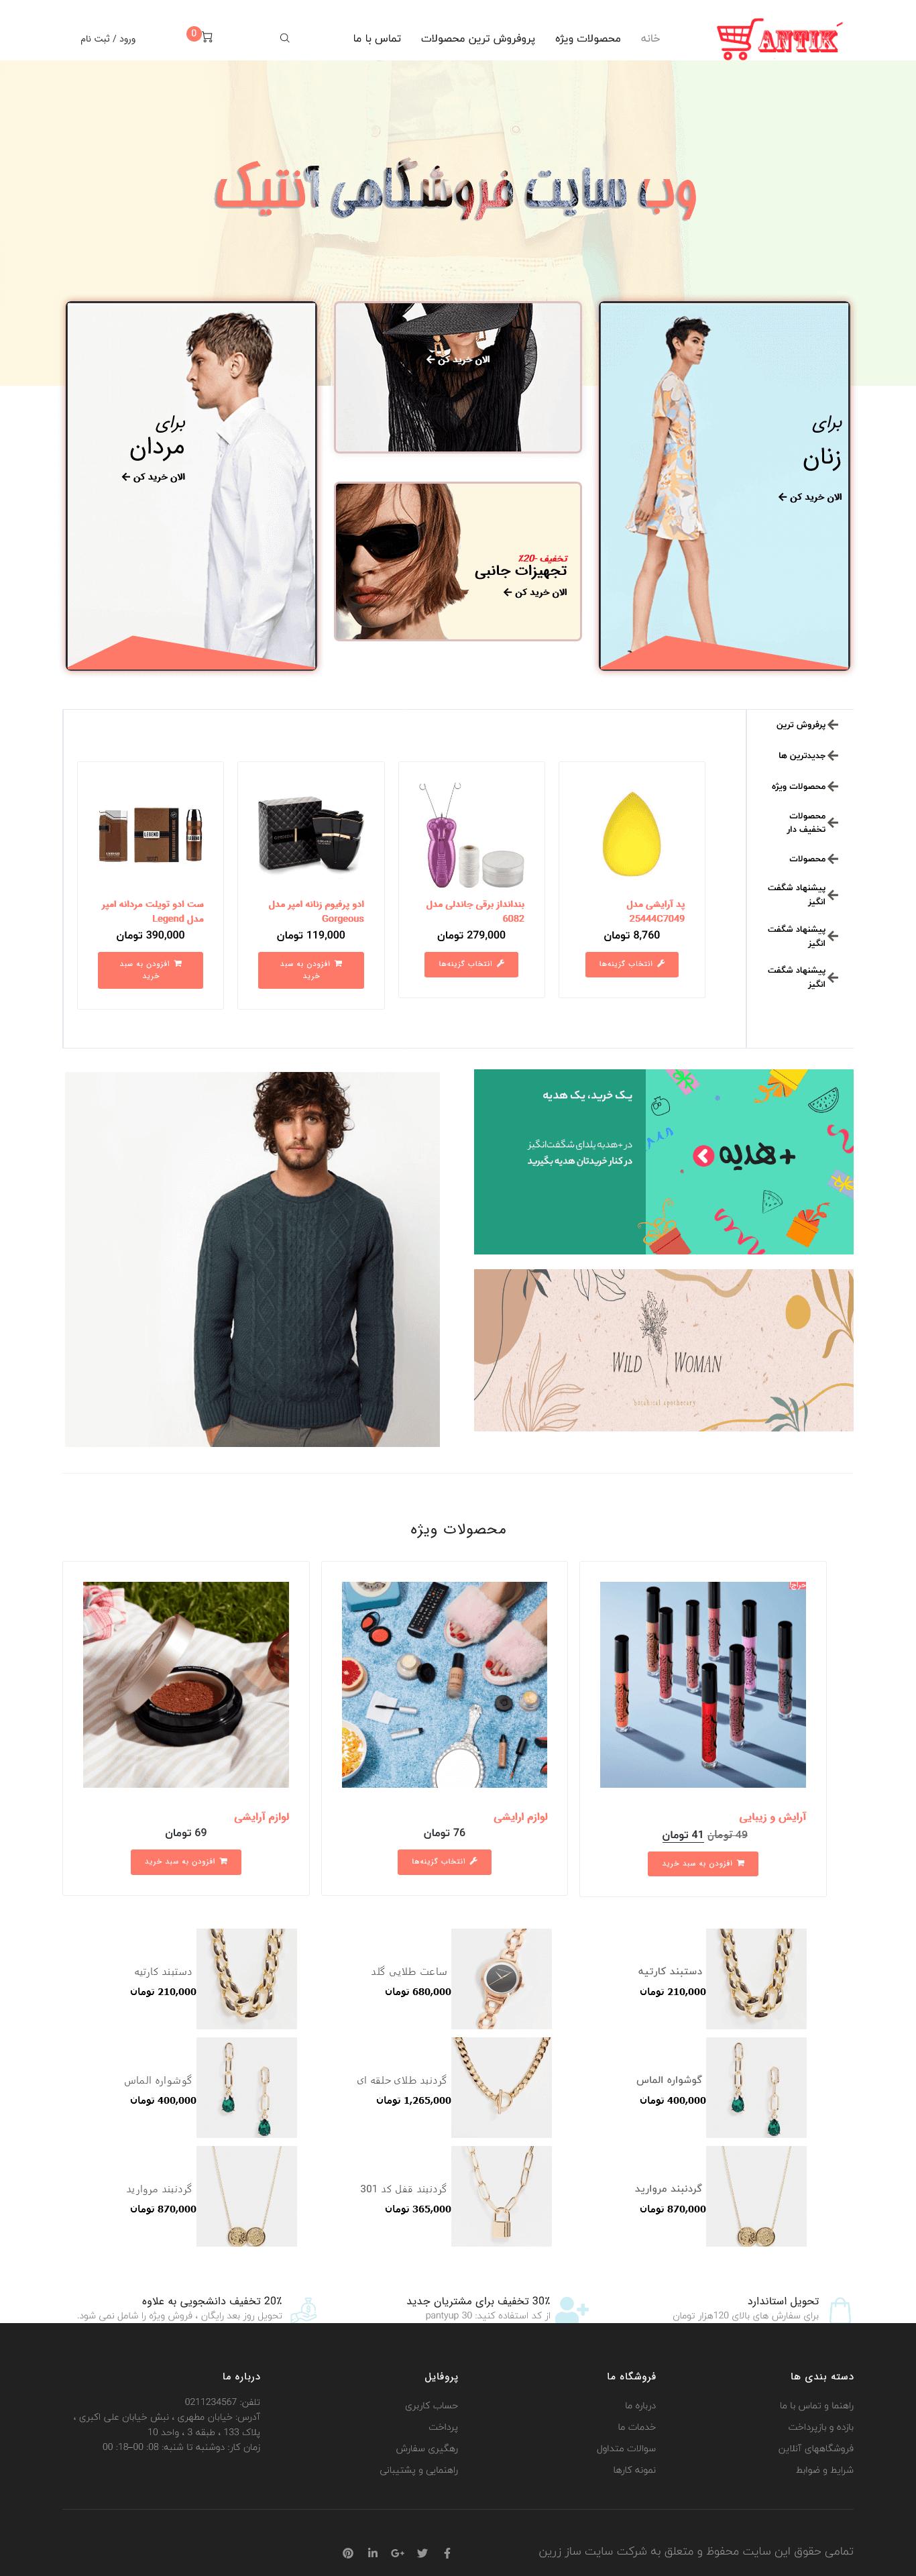 سایت فروشگاهی آنتیک در حالت دسکتاپ